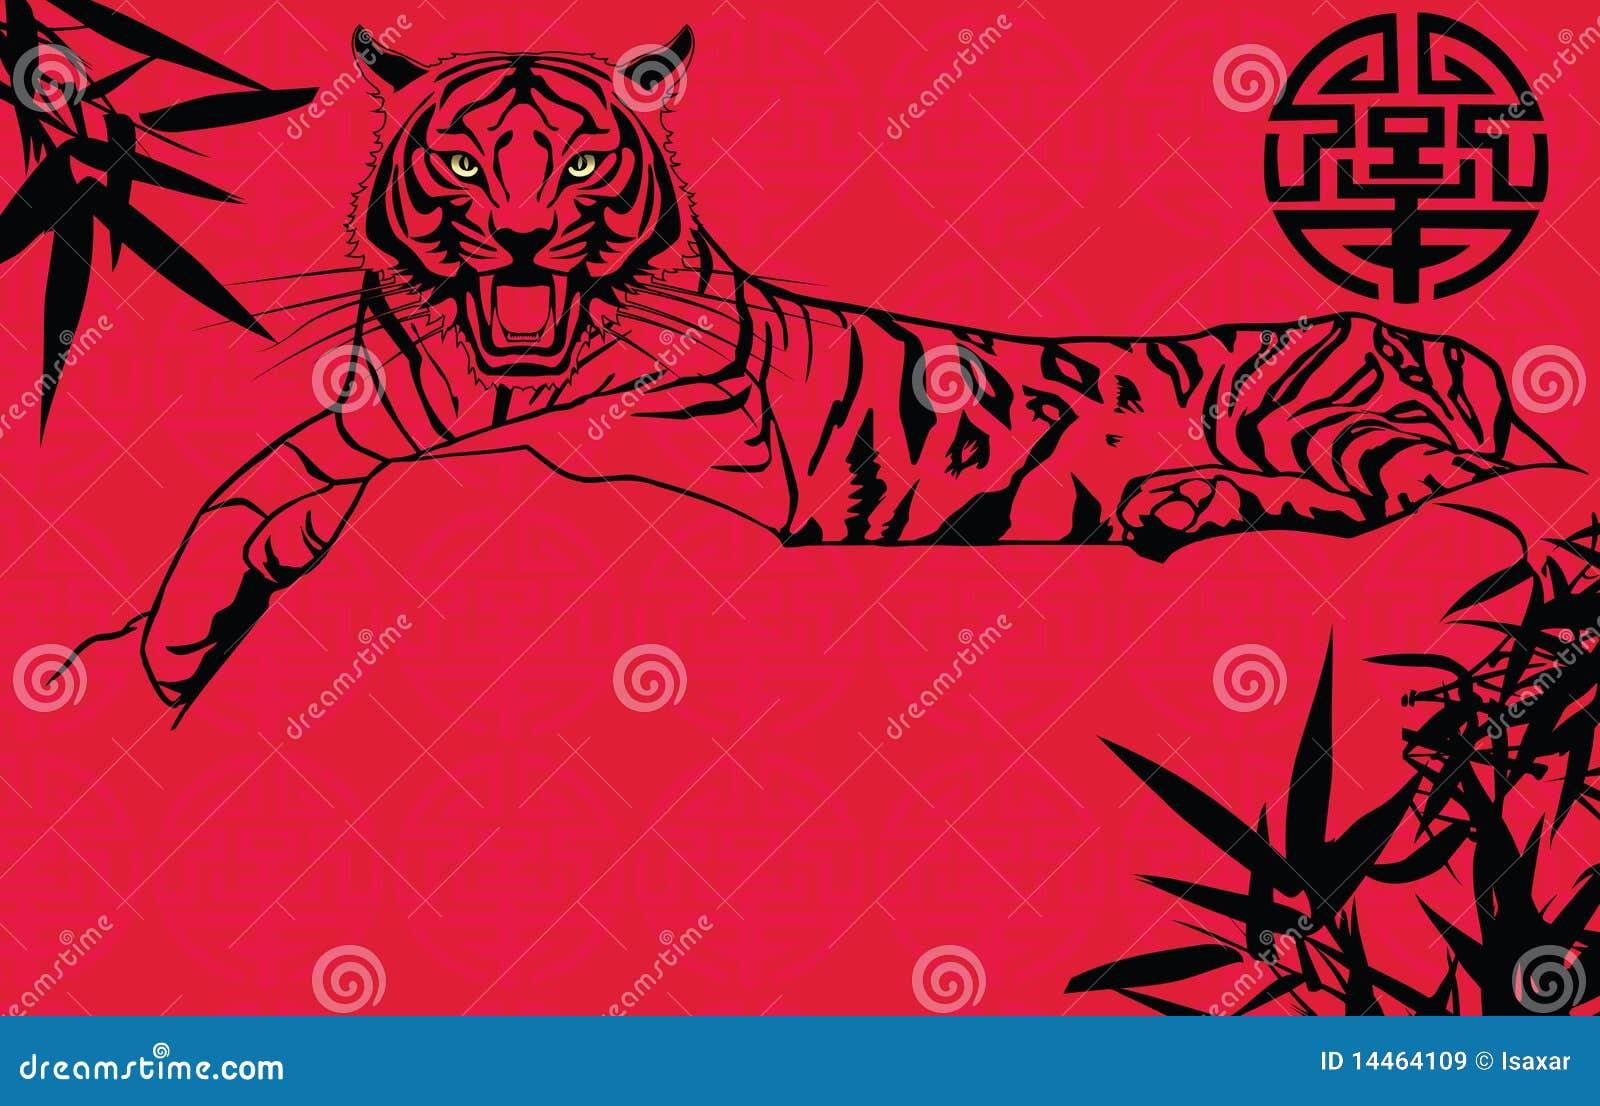 An neuf chinois de tigre